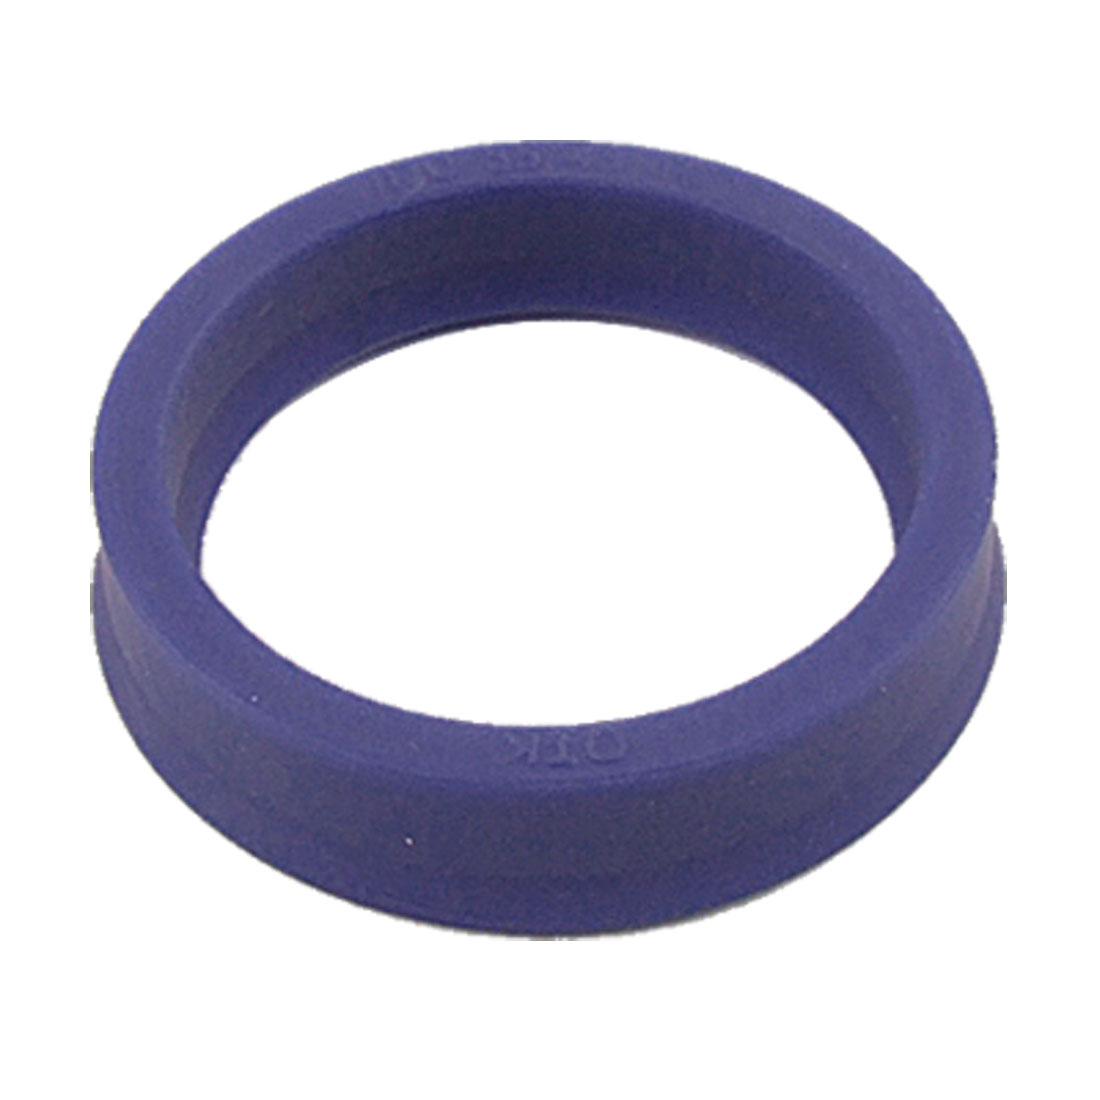 IDU Polyurethane PU 35mm x 43mm x 10mm Air Cylinder Oil Shaft Seal